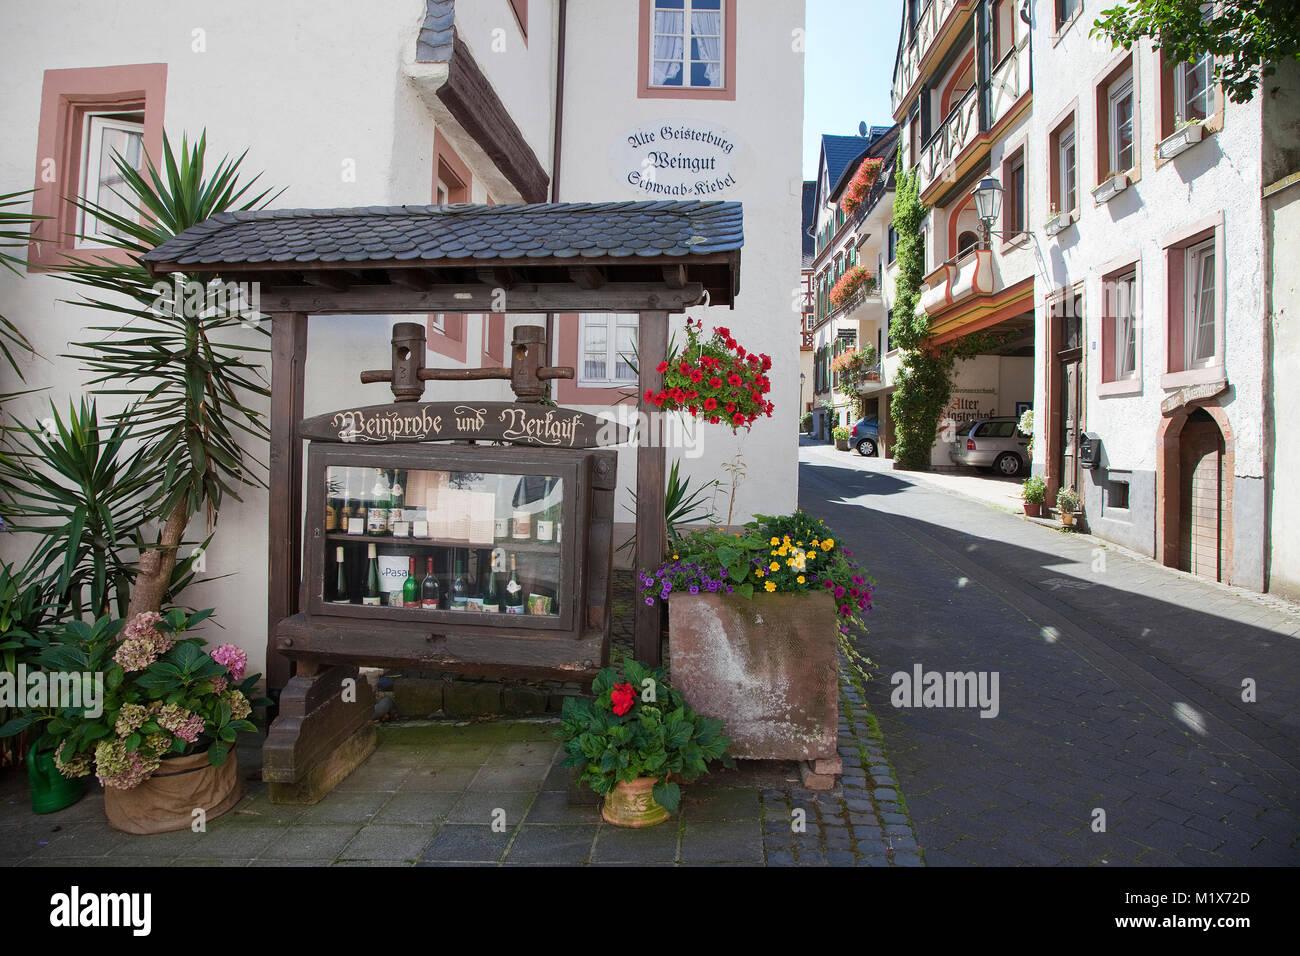 Wein, Wein, Wein Shop, vom Produzenten, Wein Dorf Uerzig, Mosel, Rheinland-Pfalz, Deutschland, Europa Stockbild